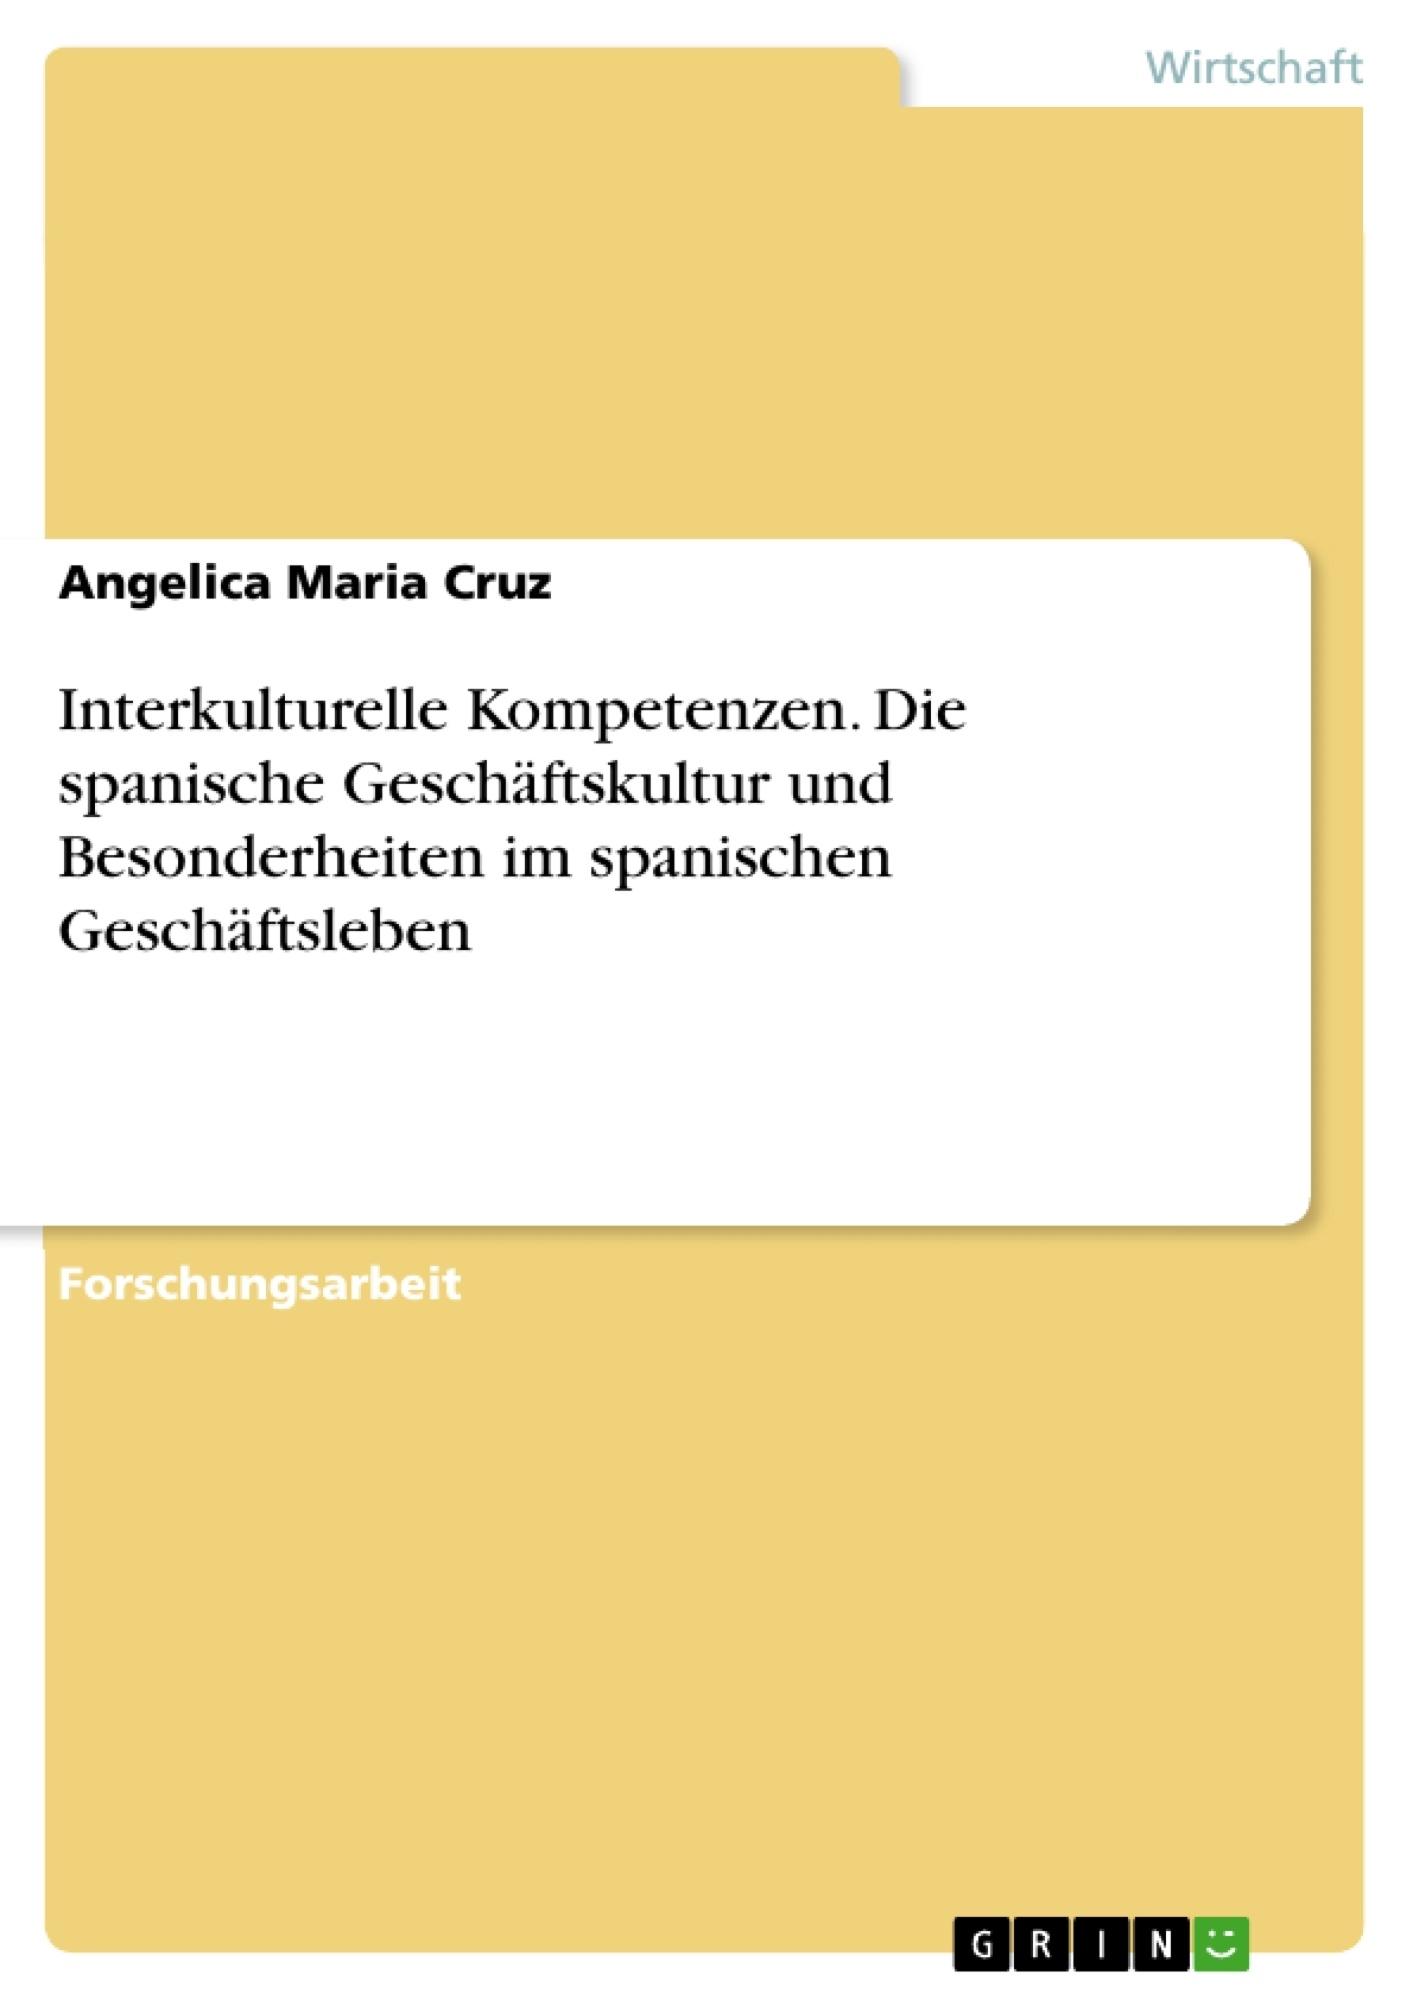 Titel: Interkulturelle Kompetenzen. Die spanische Geschäftskultur und Besonderheiten im spanischen Geschäftsleben